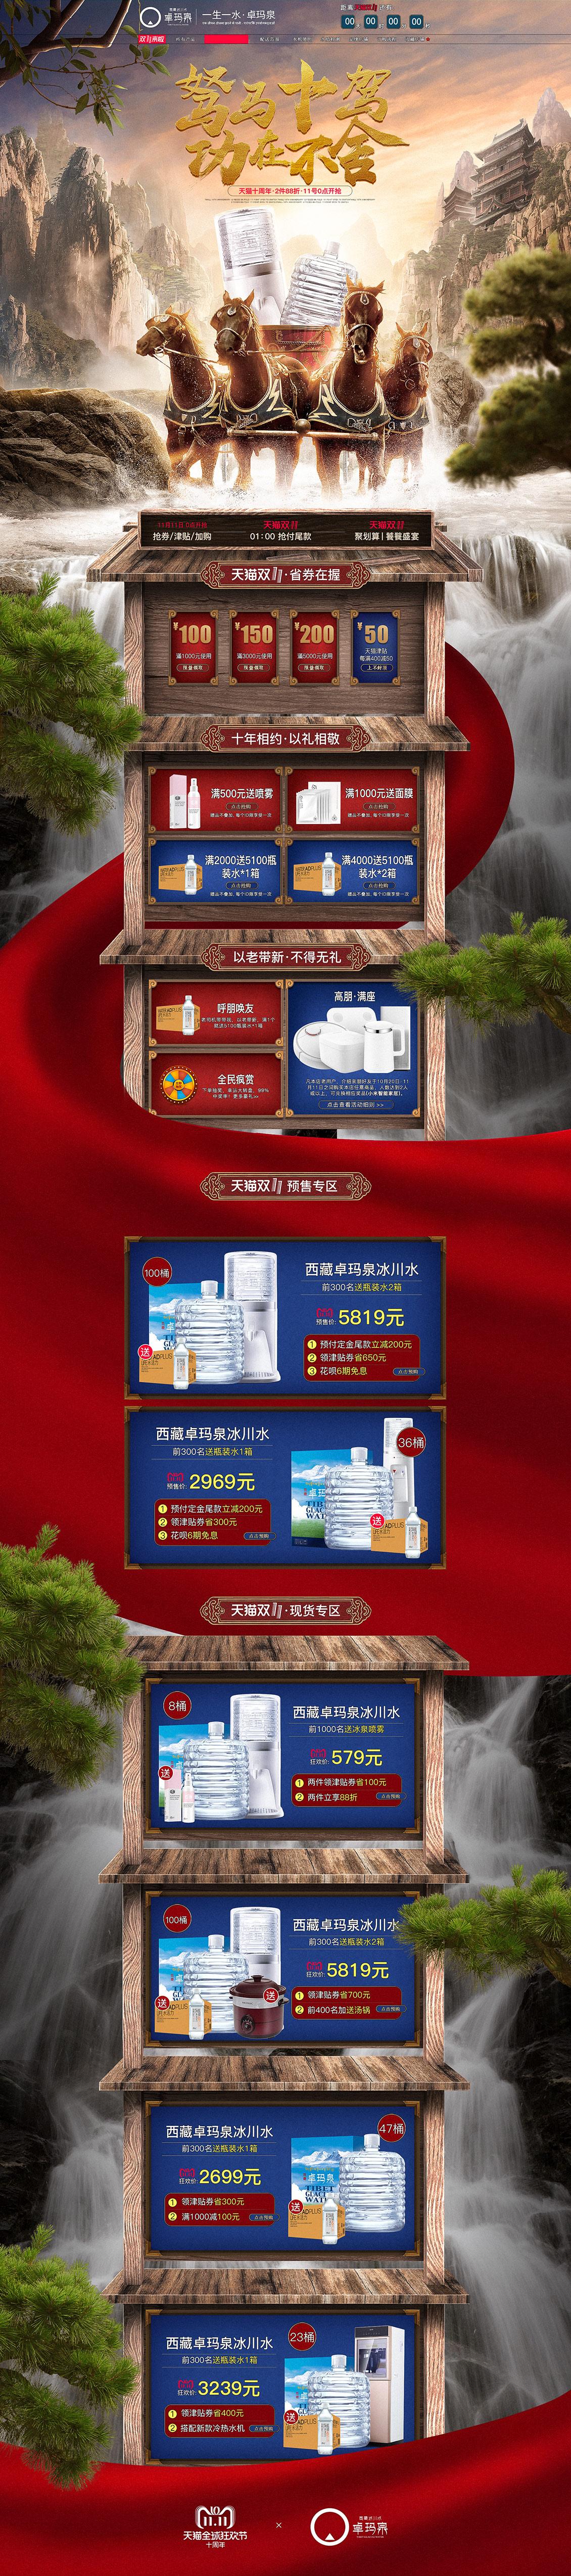 卓玛泉食品零食酒水双11预售